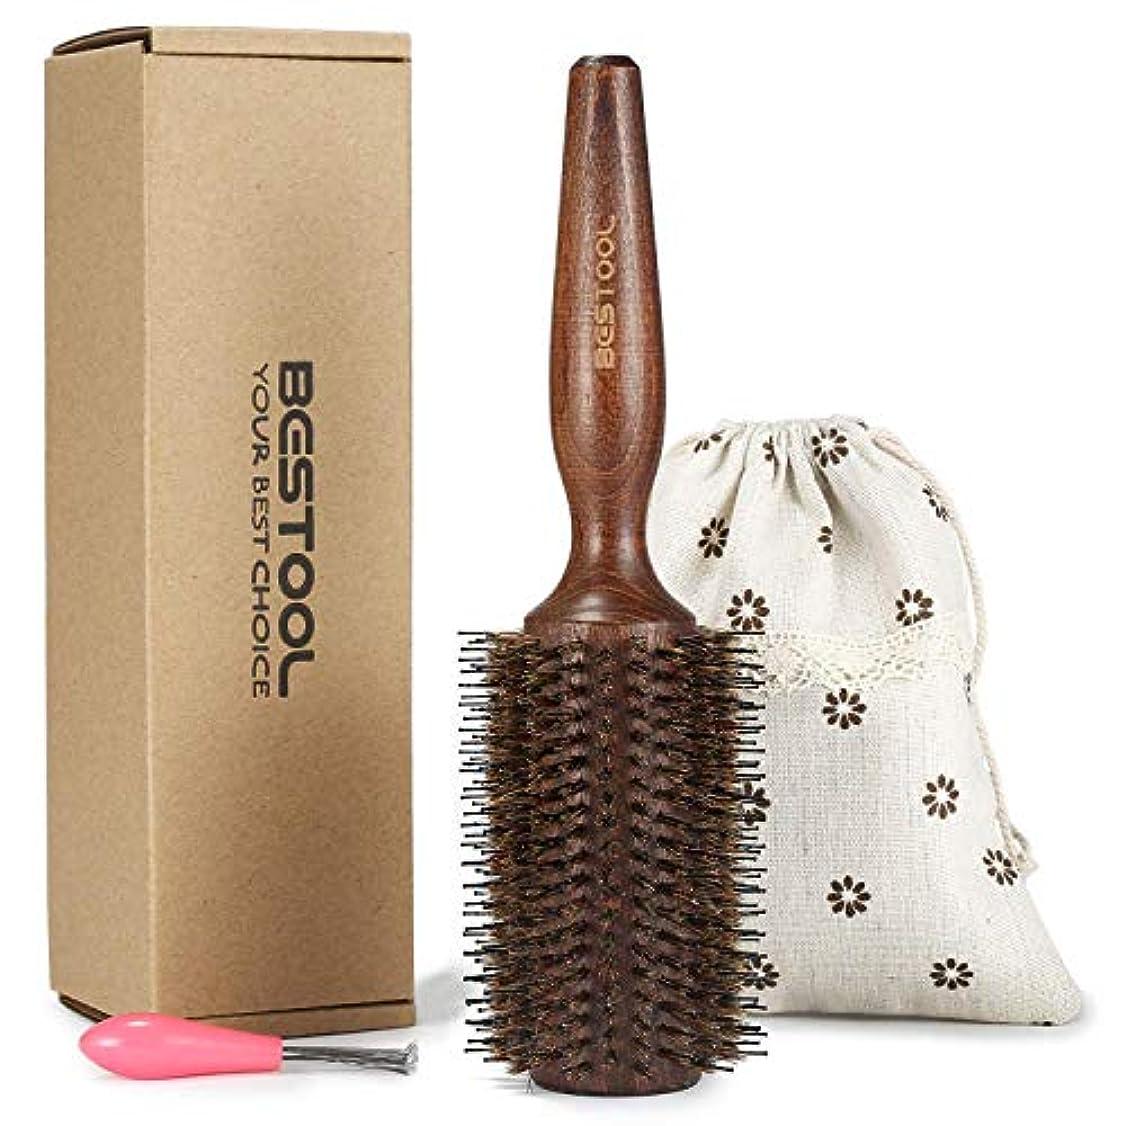 別のアンカー巧みな豚毛ヘアブラシ ロールブラシ Bestool ケヤキ製 髪をつやつやする ファッションヘアブラシ 新型タイプ 高級美容ヘアブラシ (L, ケヤキ)